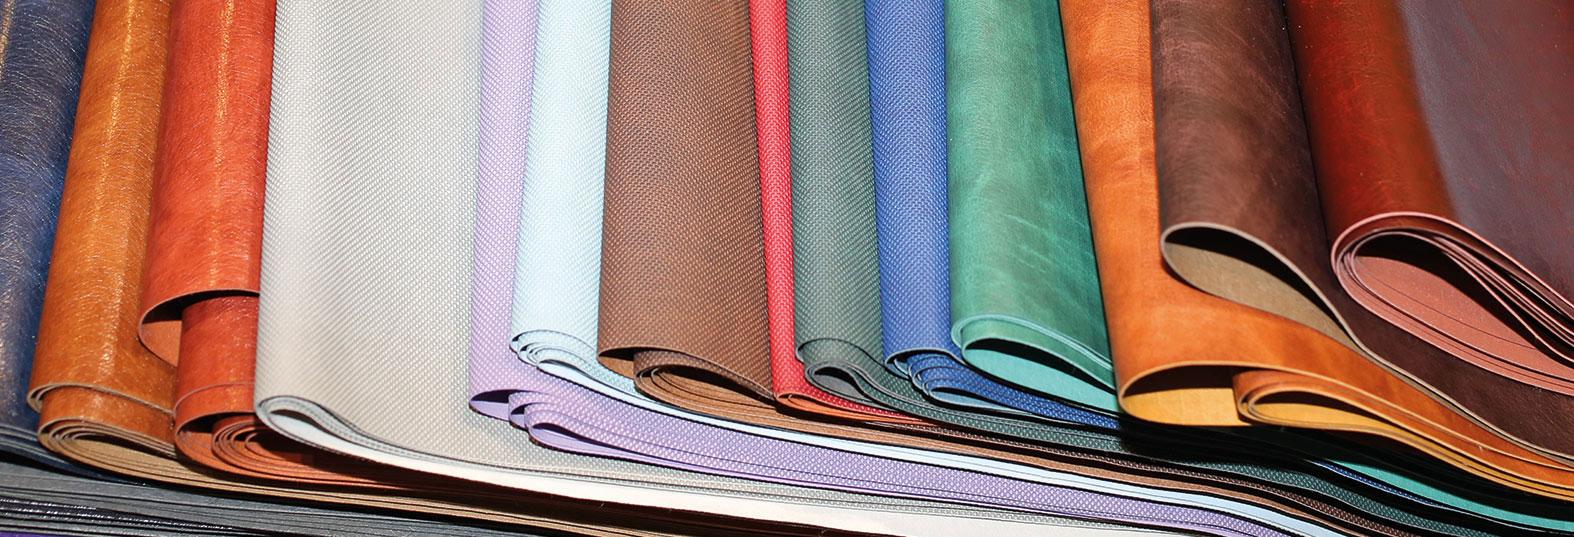 Cuir De Vachette C Est Quoi les types de cuir – aussi divers que la collection sioux